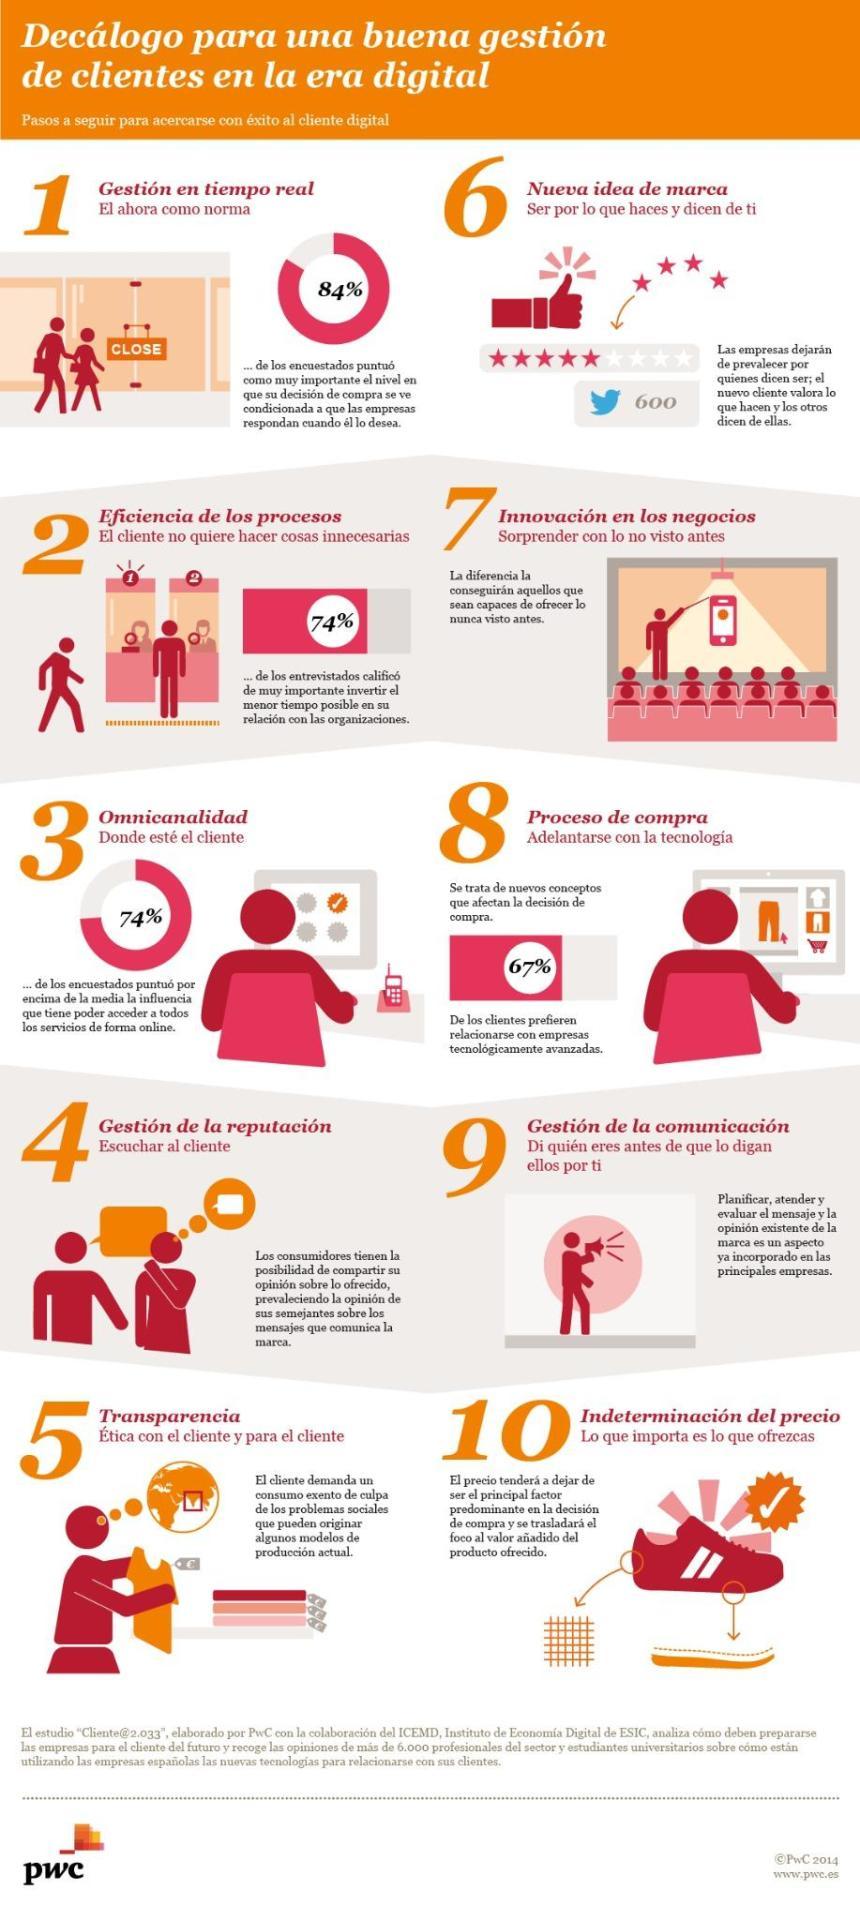 10 consejos para una buena gestión de clientes digitales